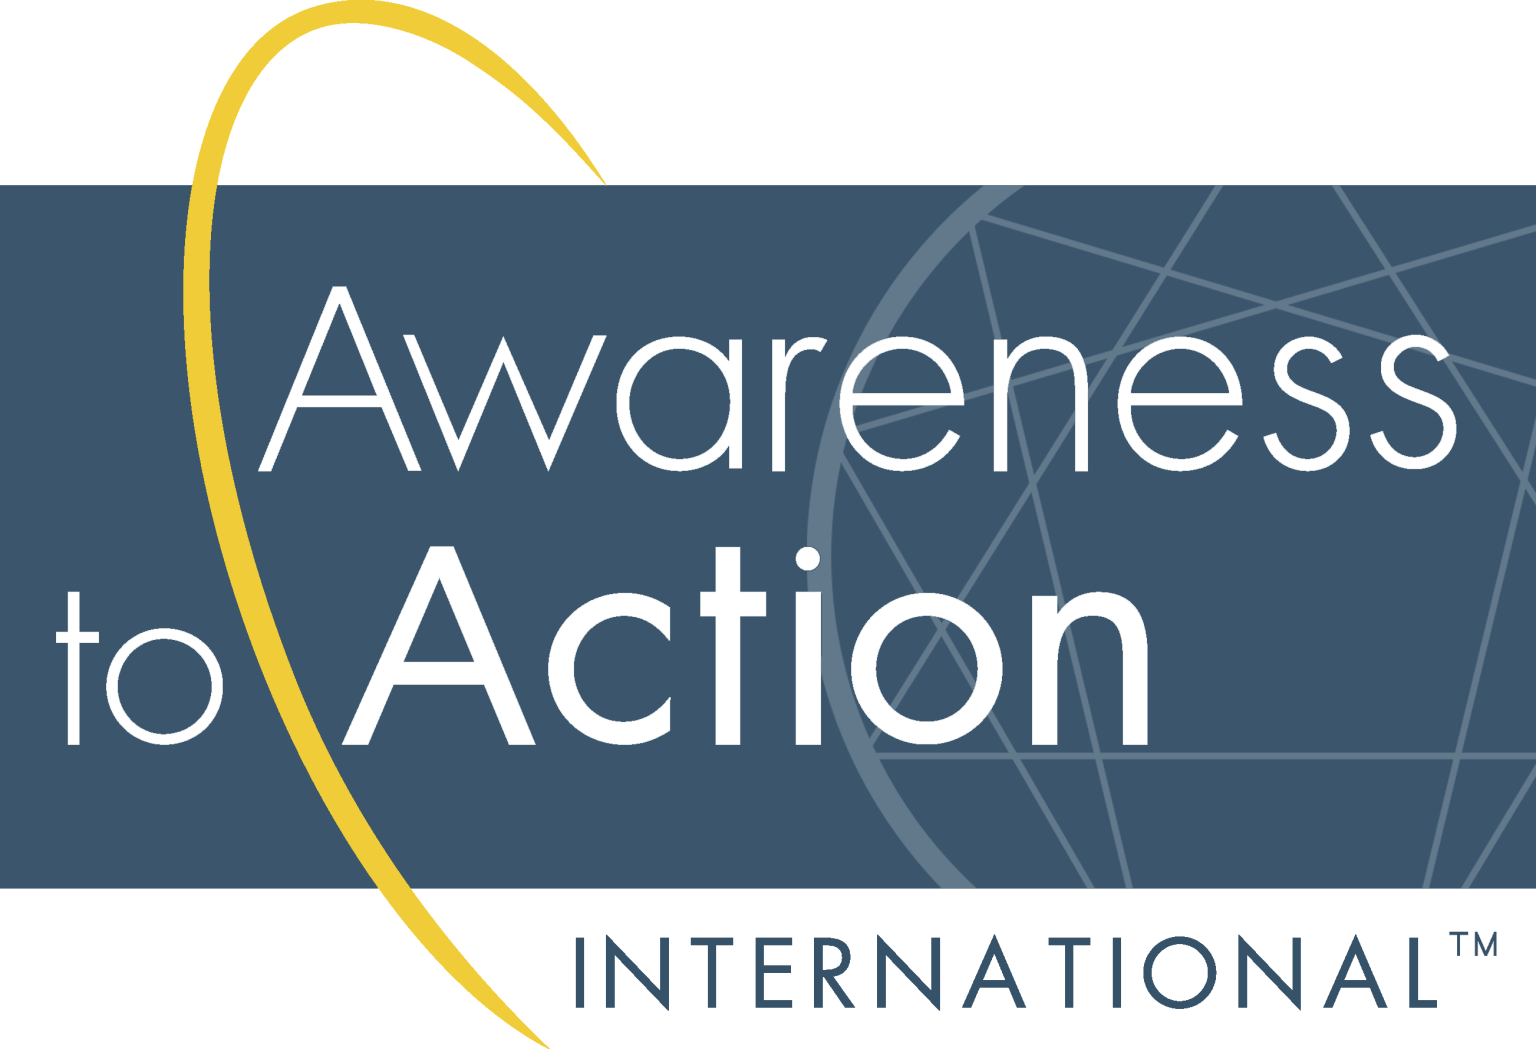 Awareness to Action International